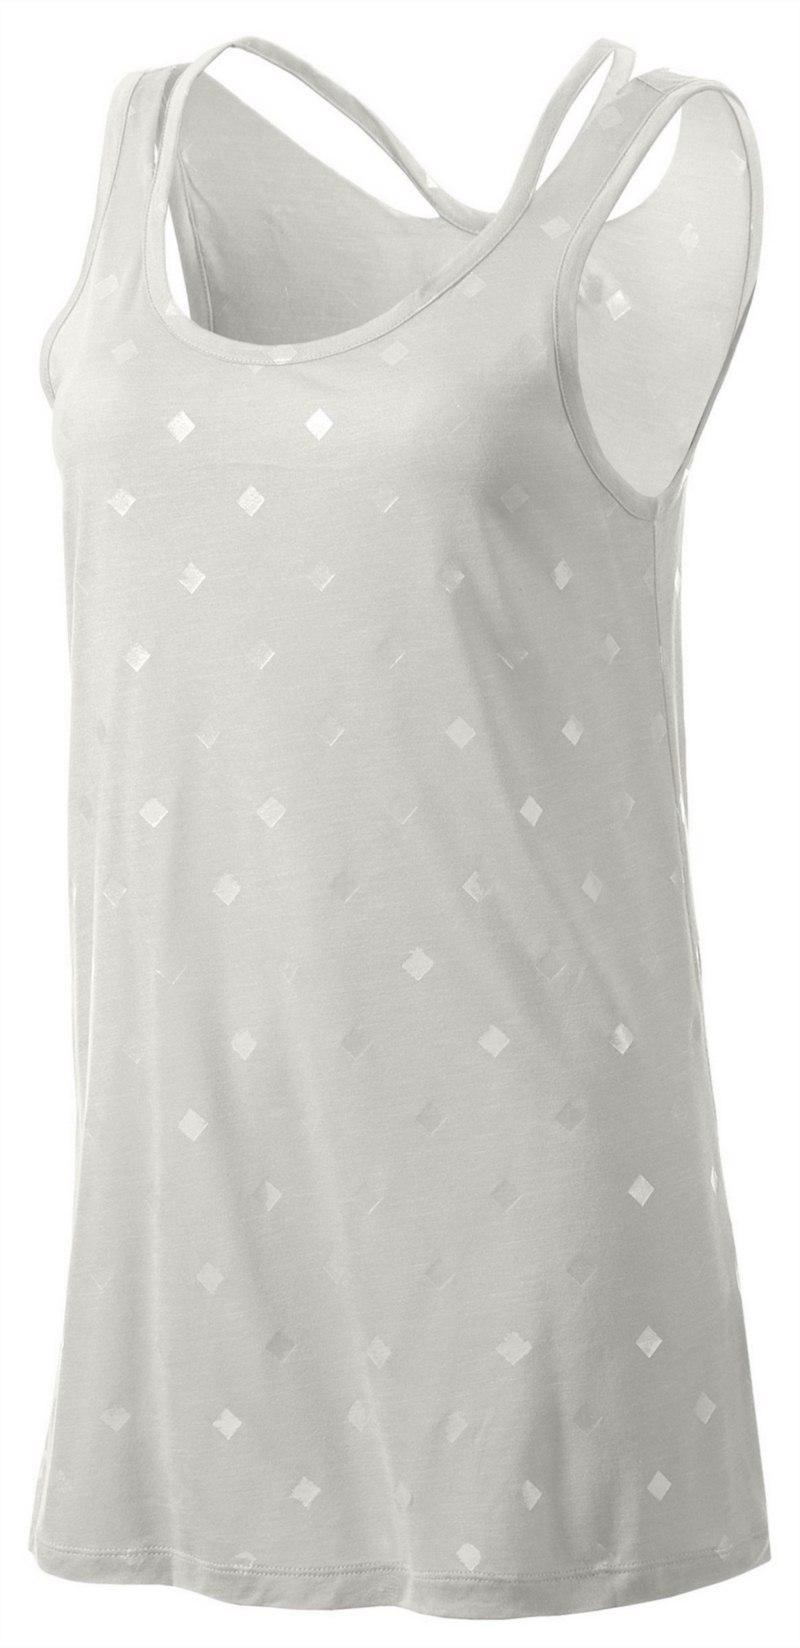 tanktop Adidas w kolorze białym - wiosna/lato 2013